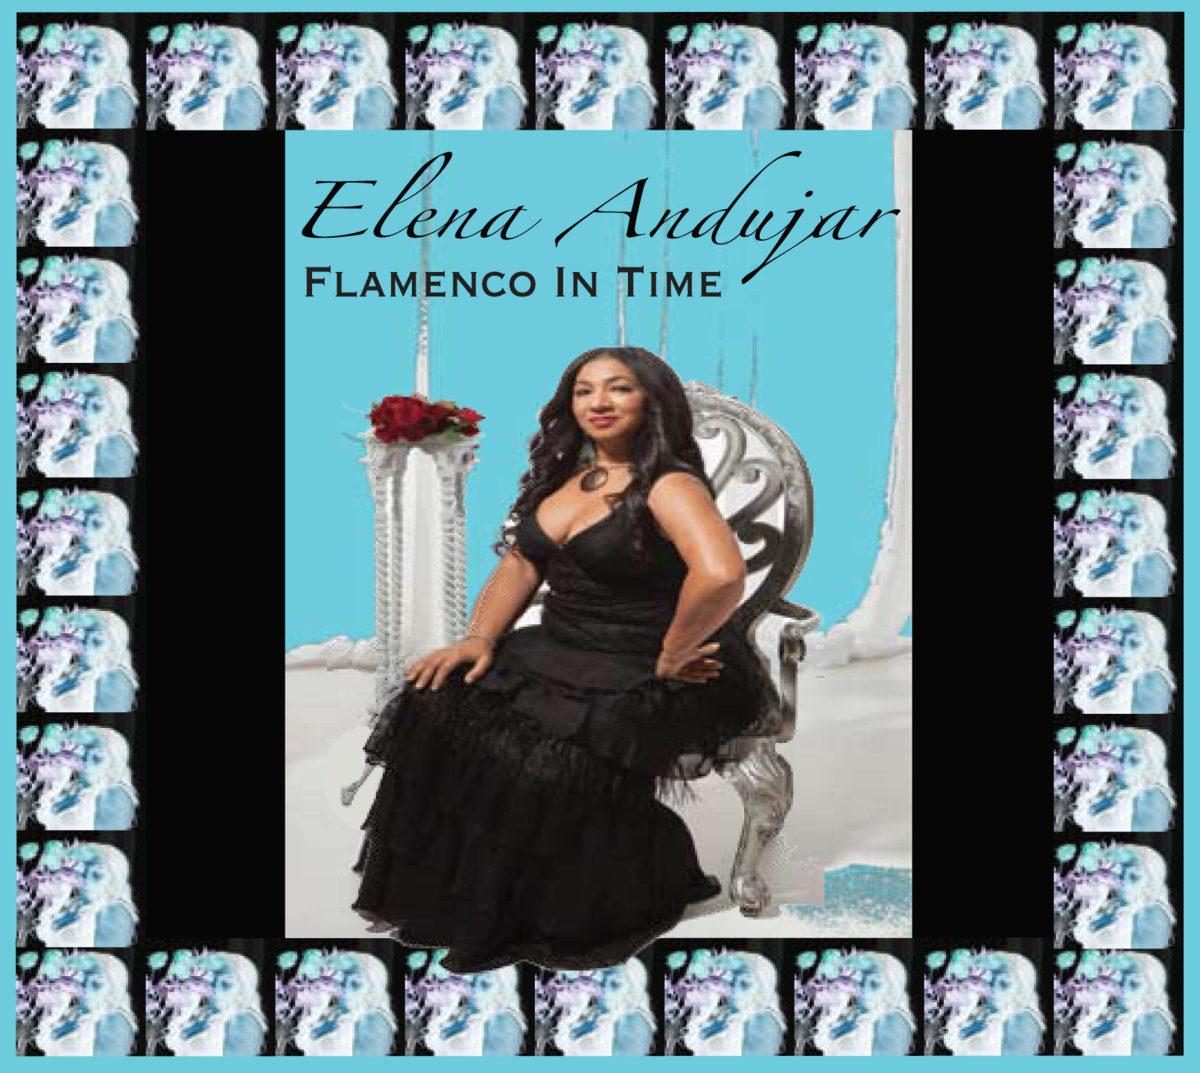 Elena Andujar – Flamenco in Time